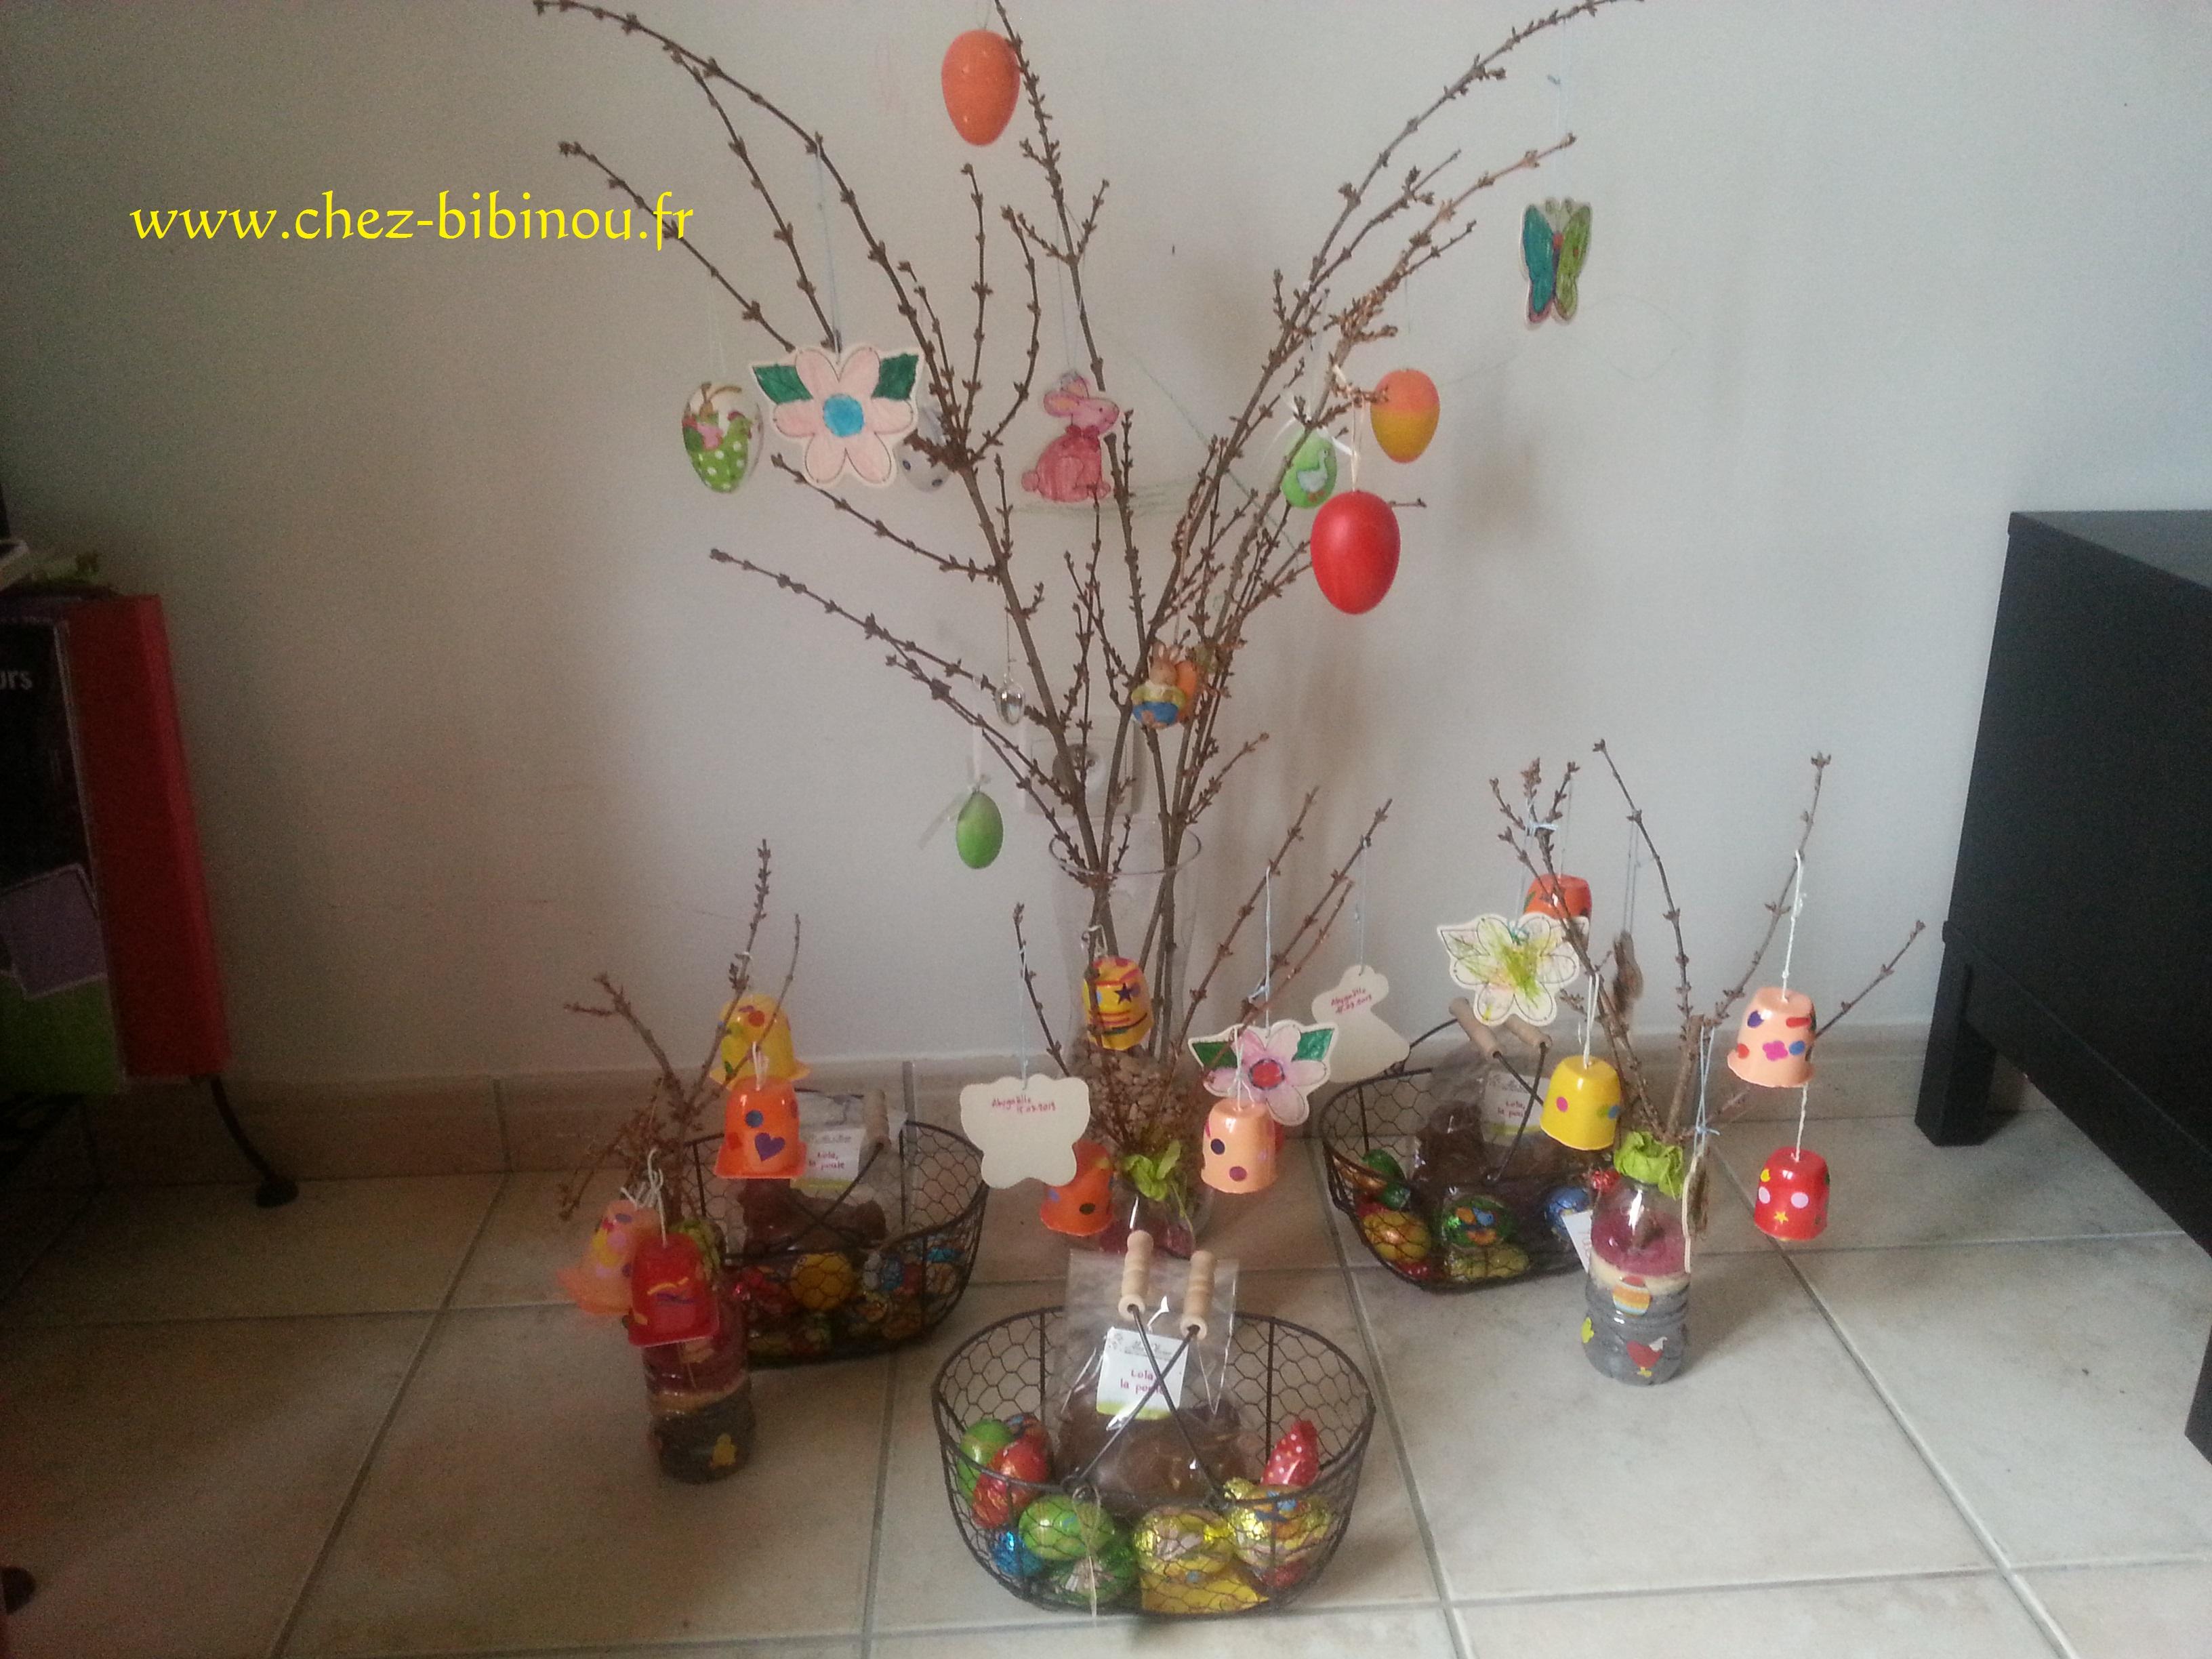 Arbre de Pâques 2013